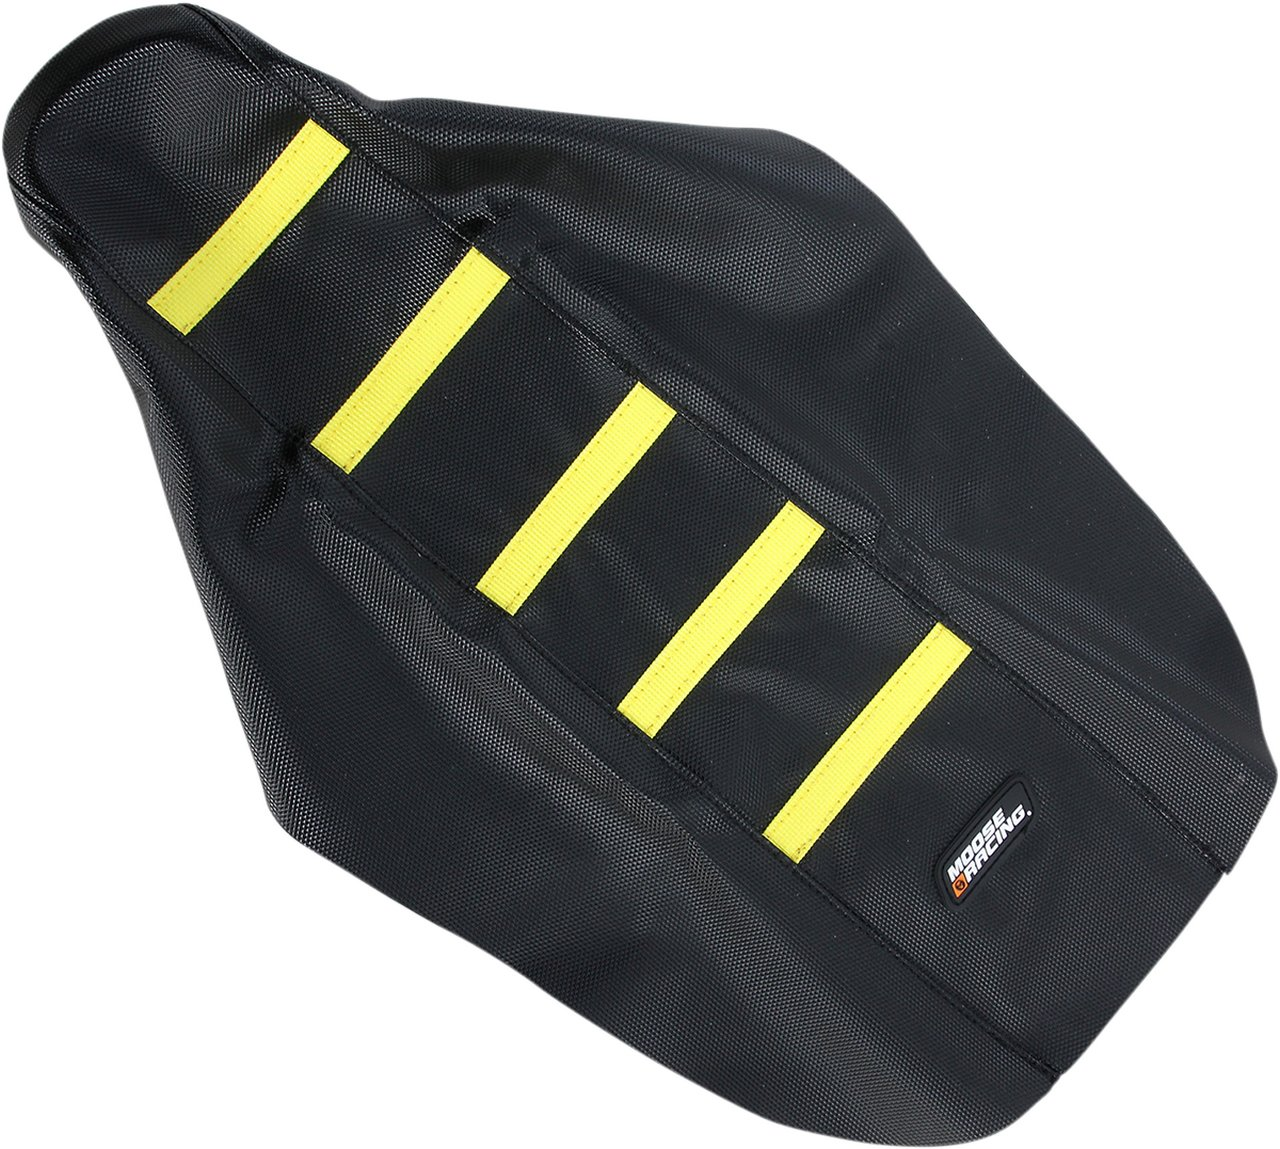 【MOOSE RACING】肋條式坐墊套 [0821-1804] - 「Webike-摩托百貨」